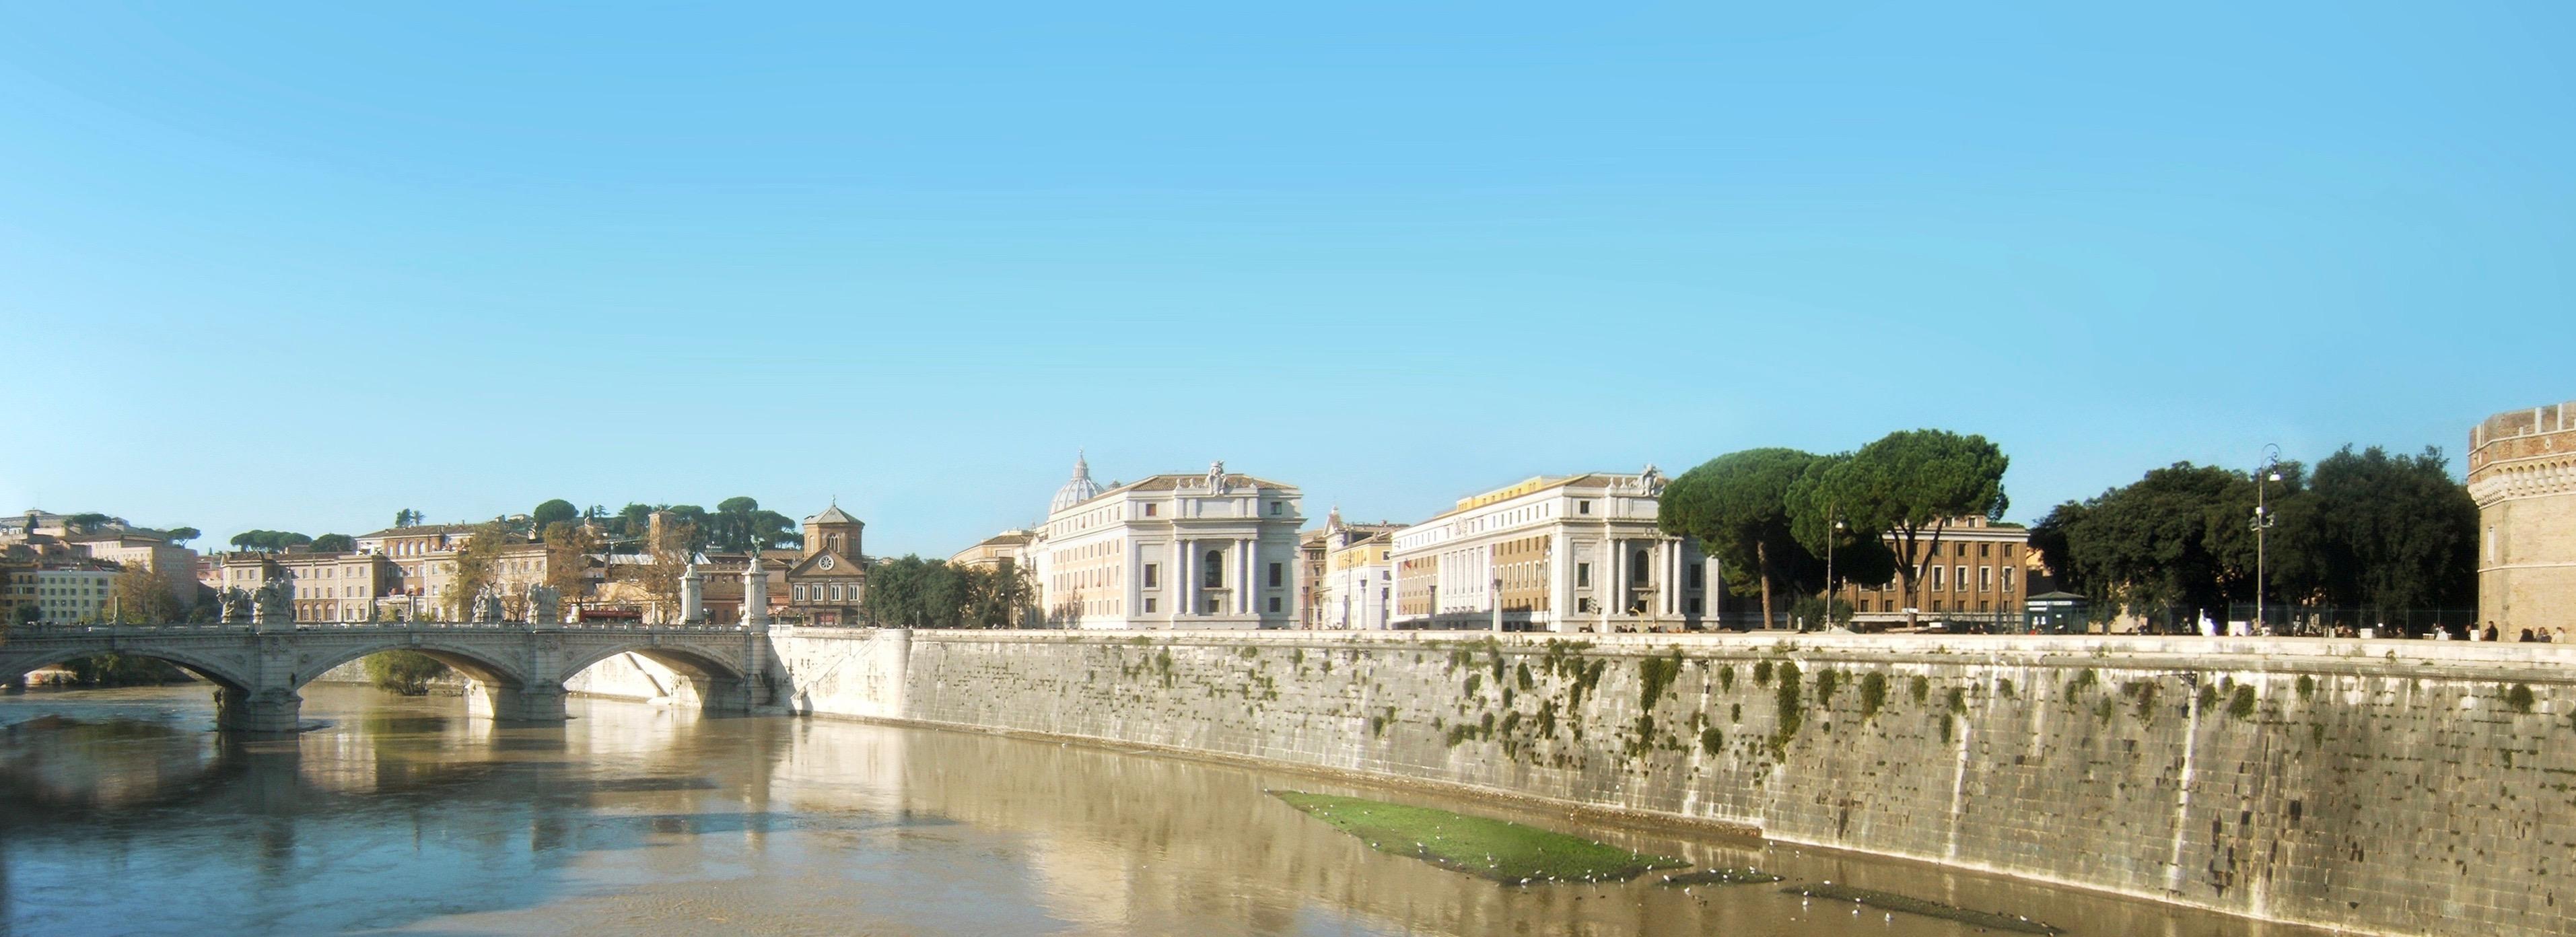 visiter rome en ao t tout ce qu il faut savoir destination rome. Black Bedroom Furniture Sets. Home Design Ideas